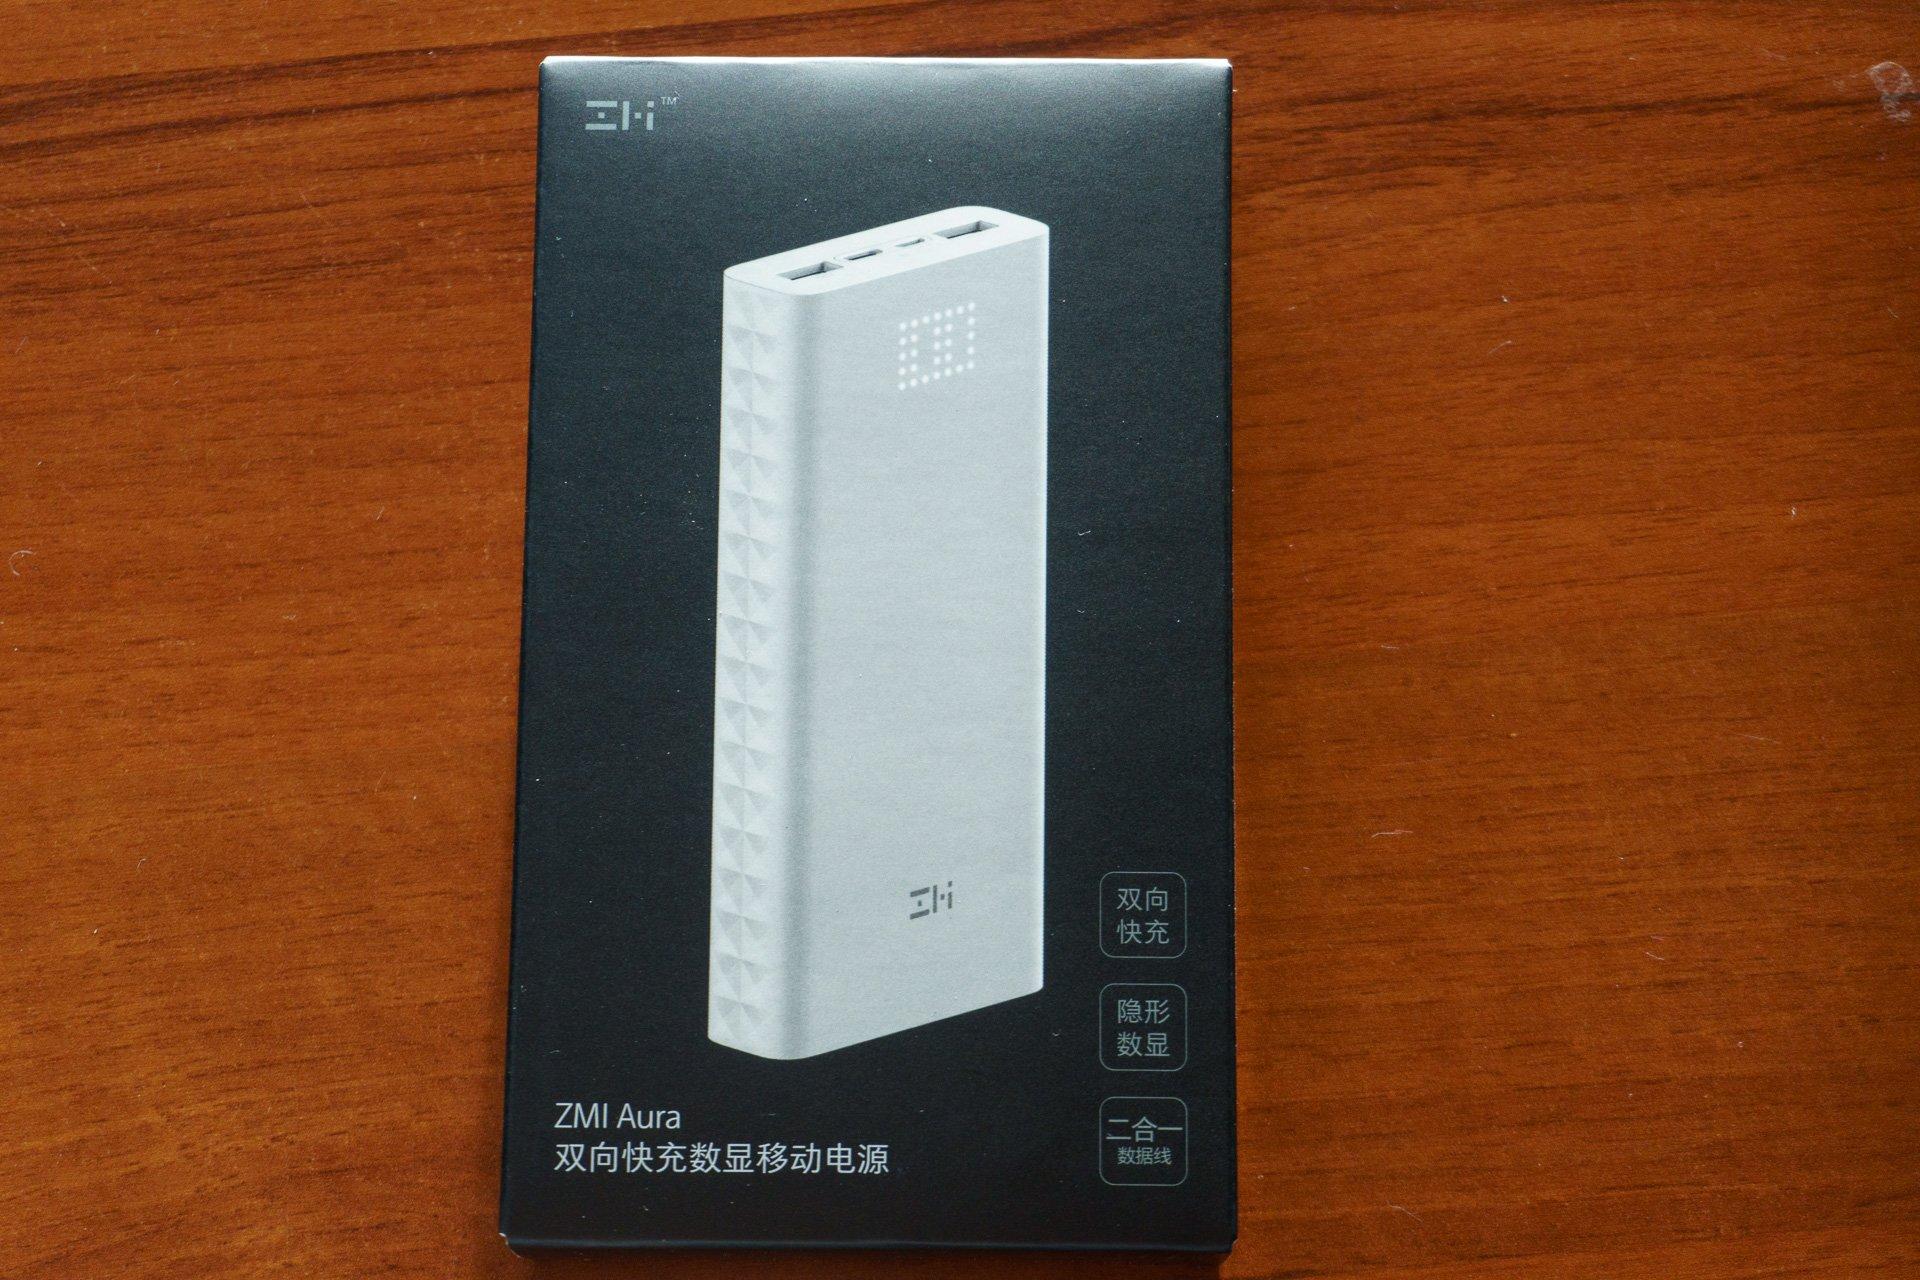 Tabletowo.pl Xiaomi ZMI Aura 20000 mAh Power Bank QC 3.0 – czy i tym razem #Xiaomilepsze? (recenzja) Akcesoria Recenzje Xiaomi